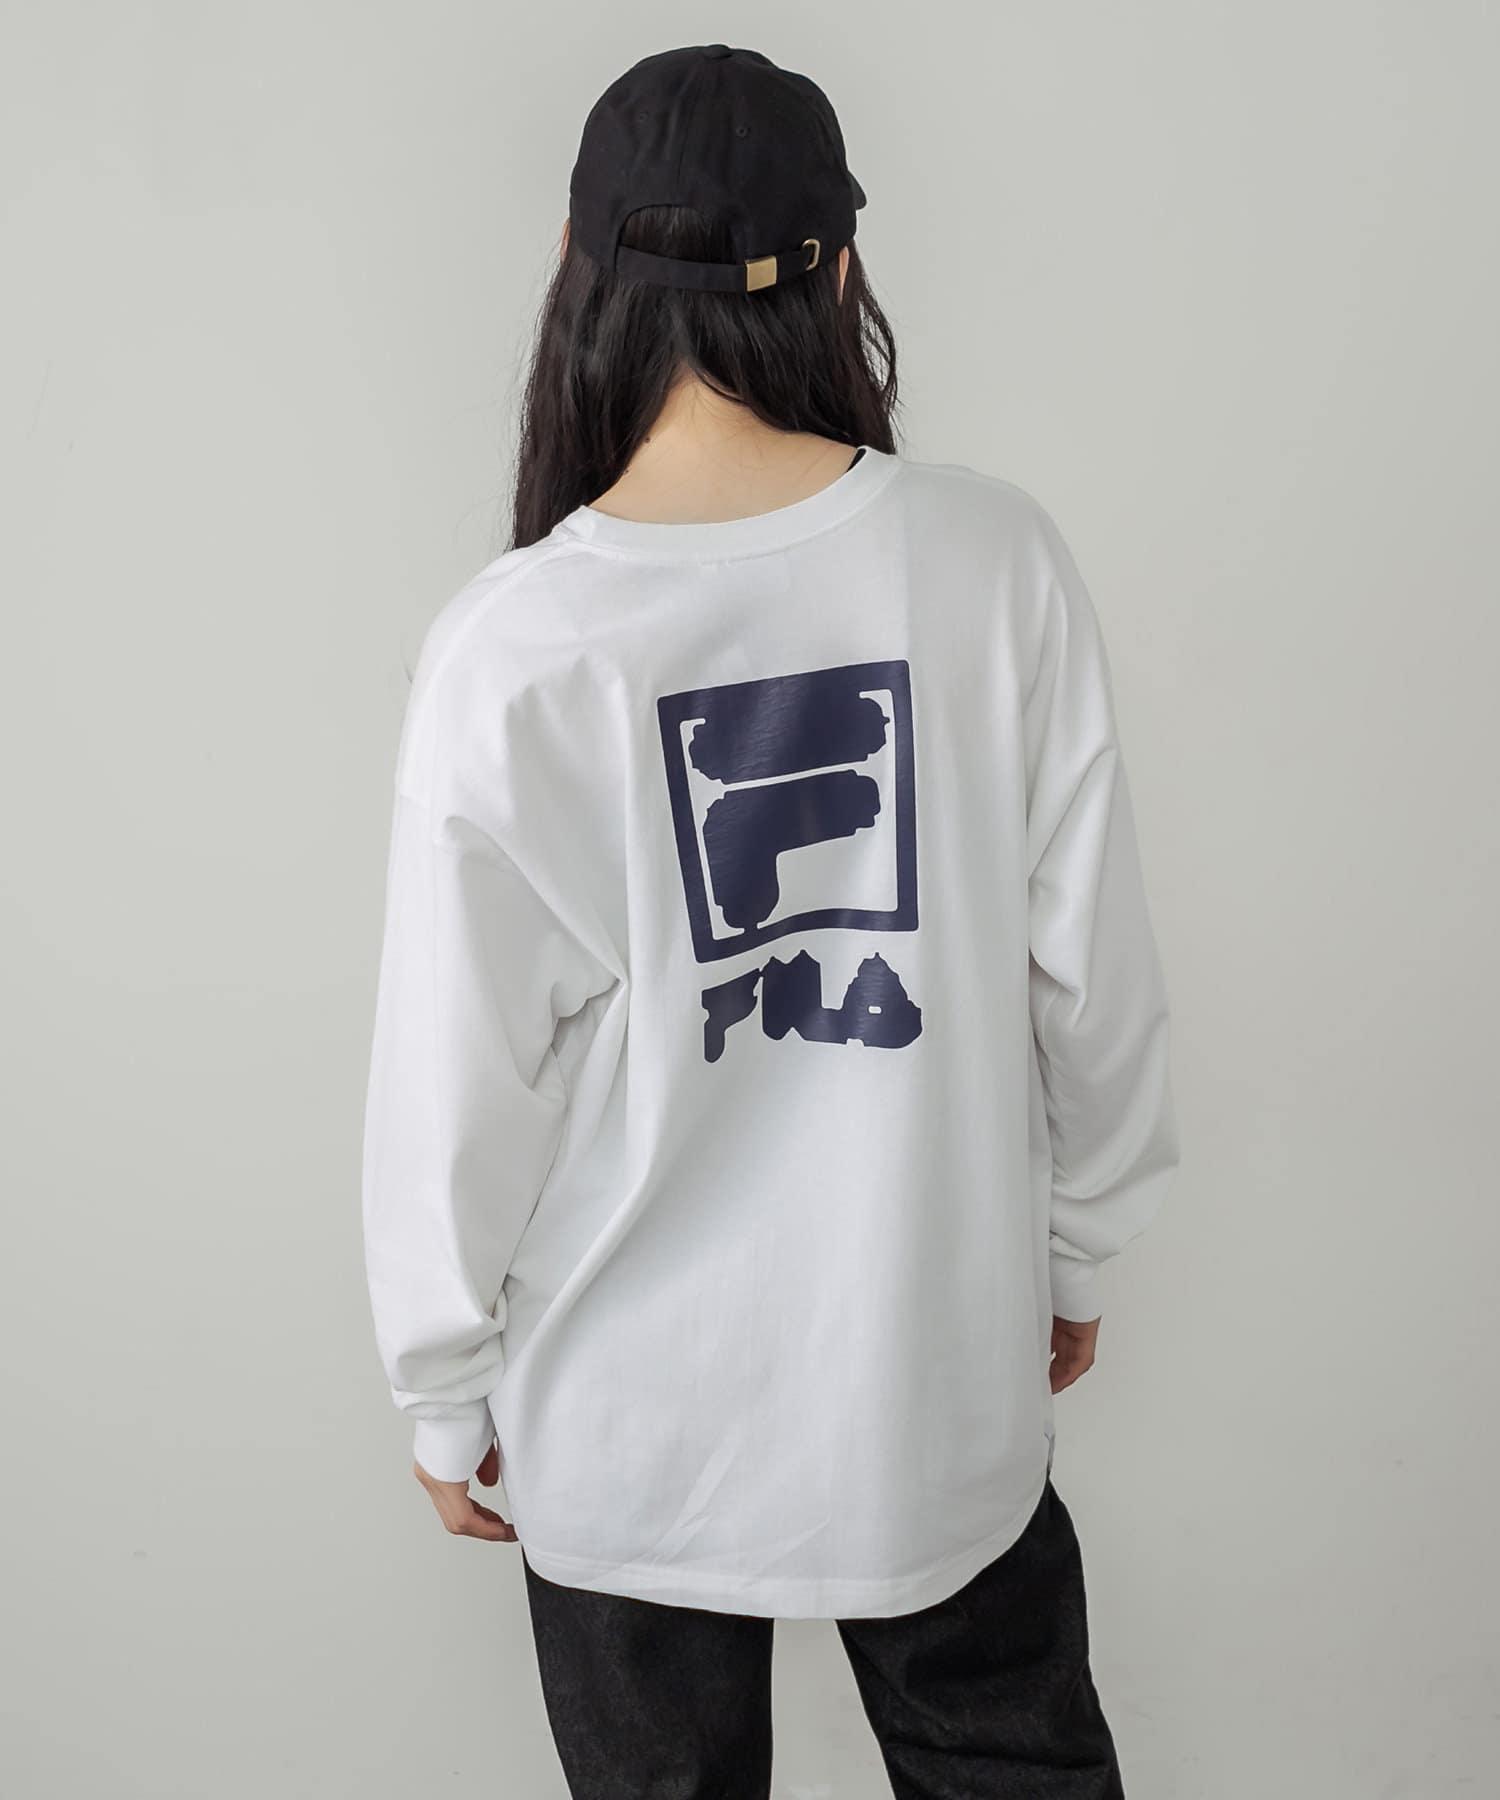 RASVOA(ラスボア) レディース 【FILA】Crew neck shirt オフホワイト